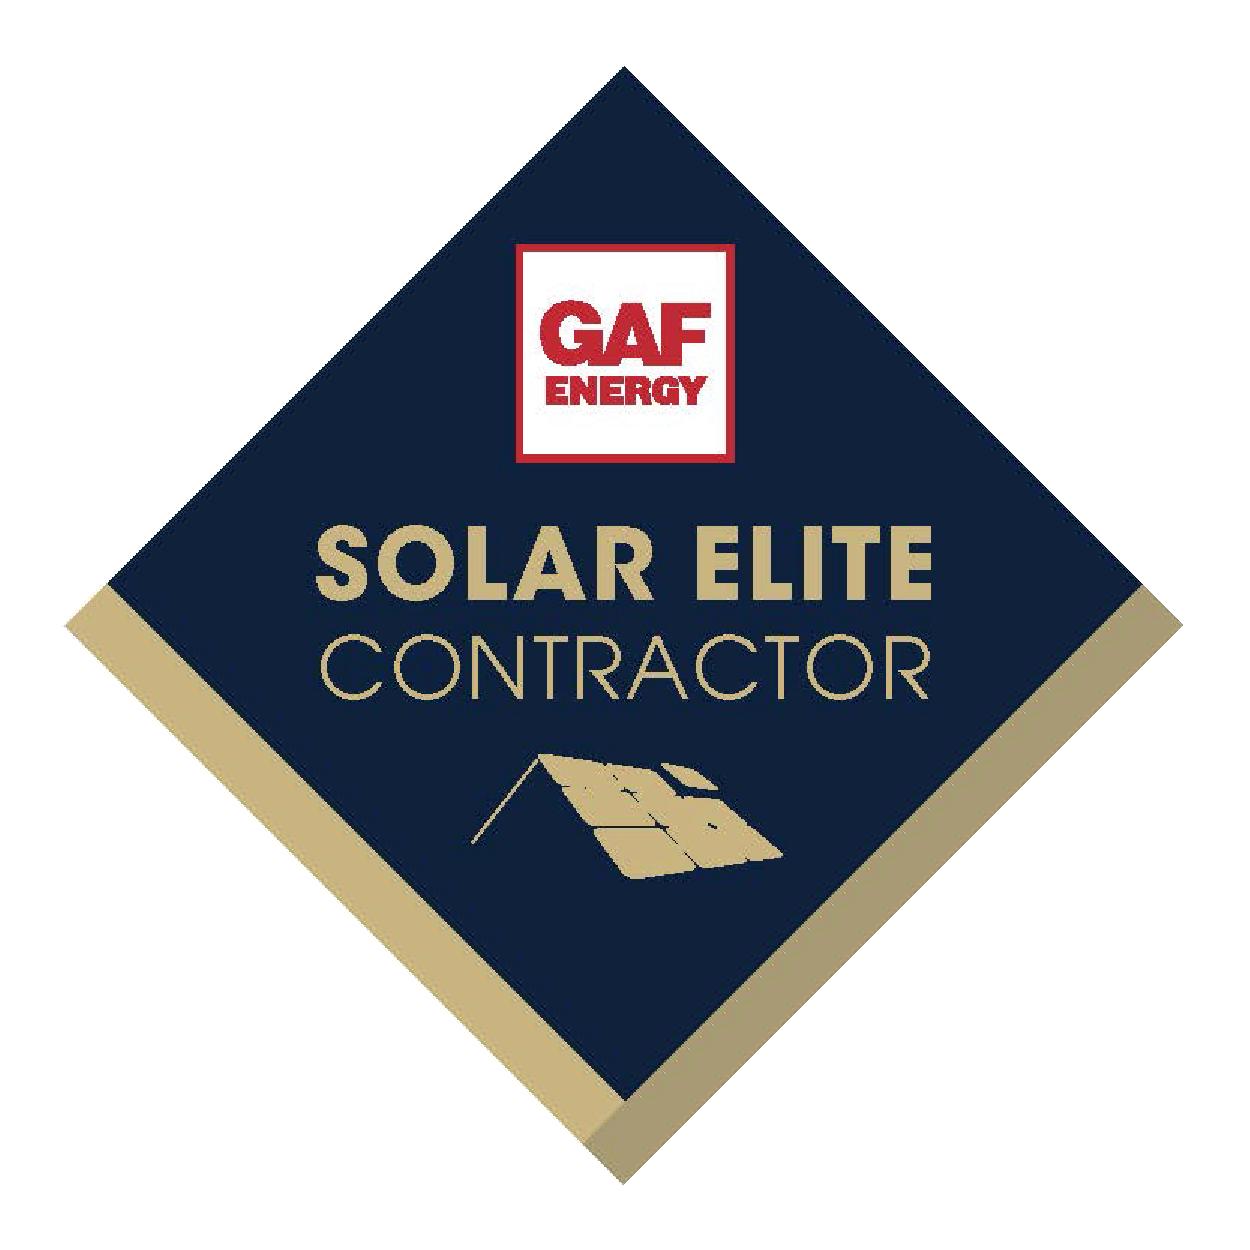 gaf solar elite contractor